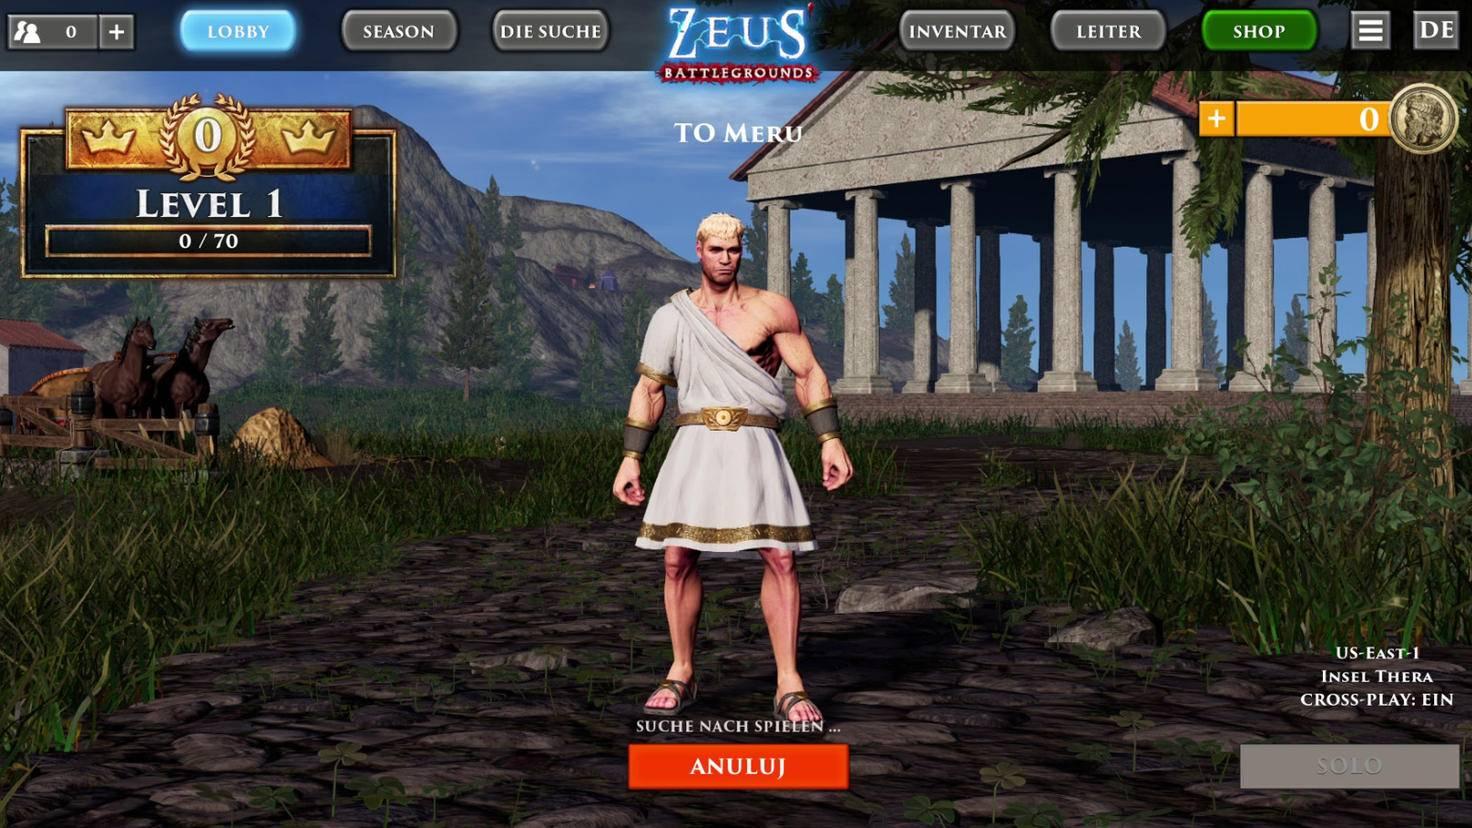 """So richtig Lust auf """"Zeus Battlegrounds"""" macht der Lobby-Bildschirm nicht ..."""